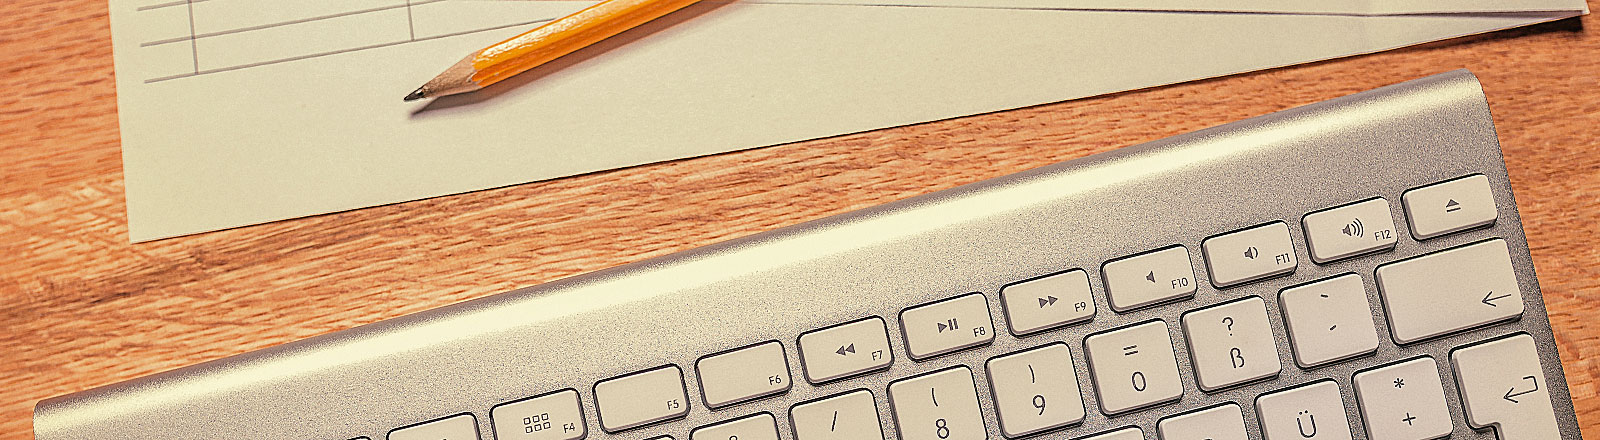 Tastatur und Bleistift mit Papier